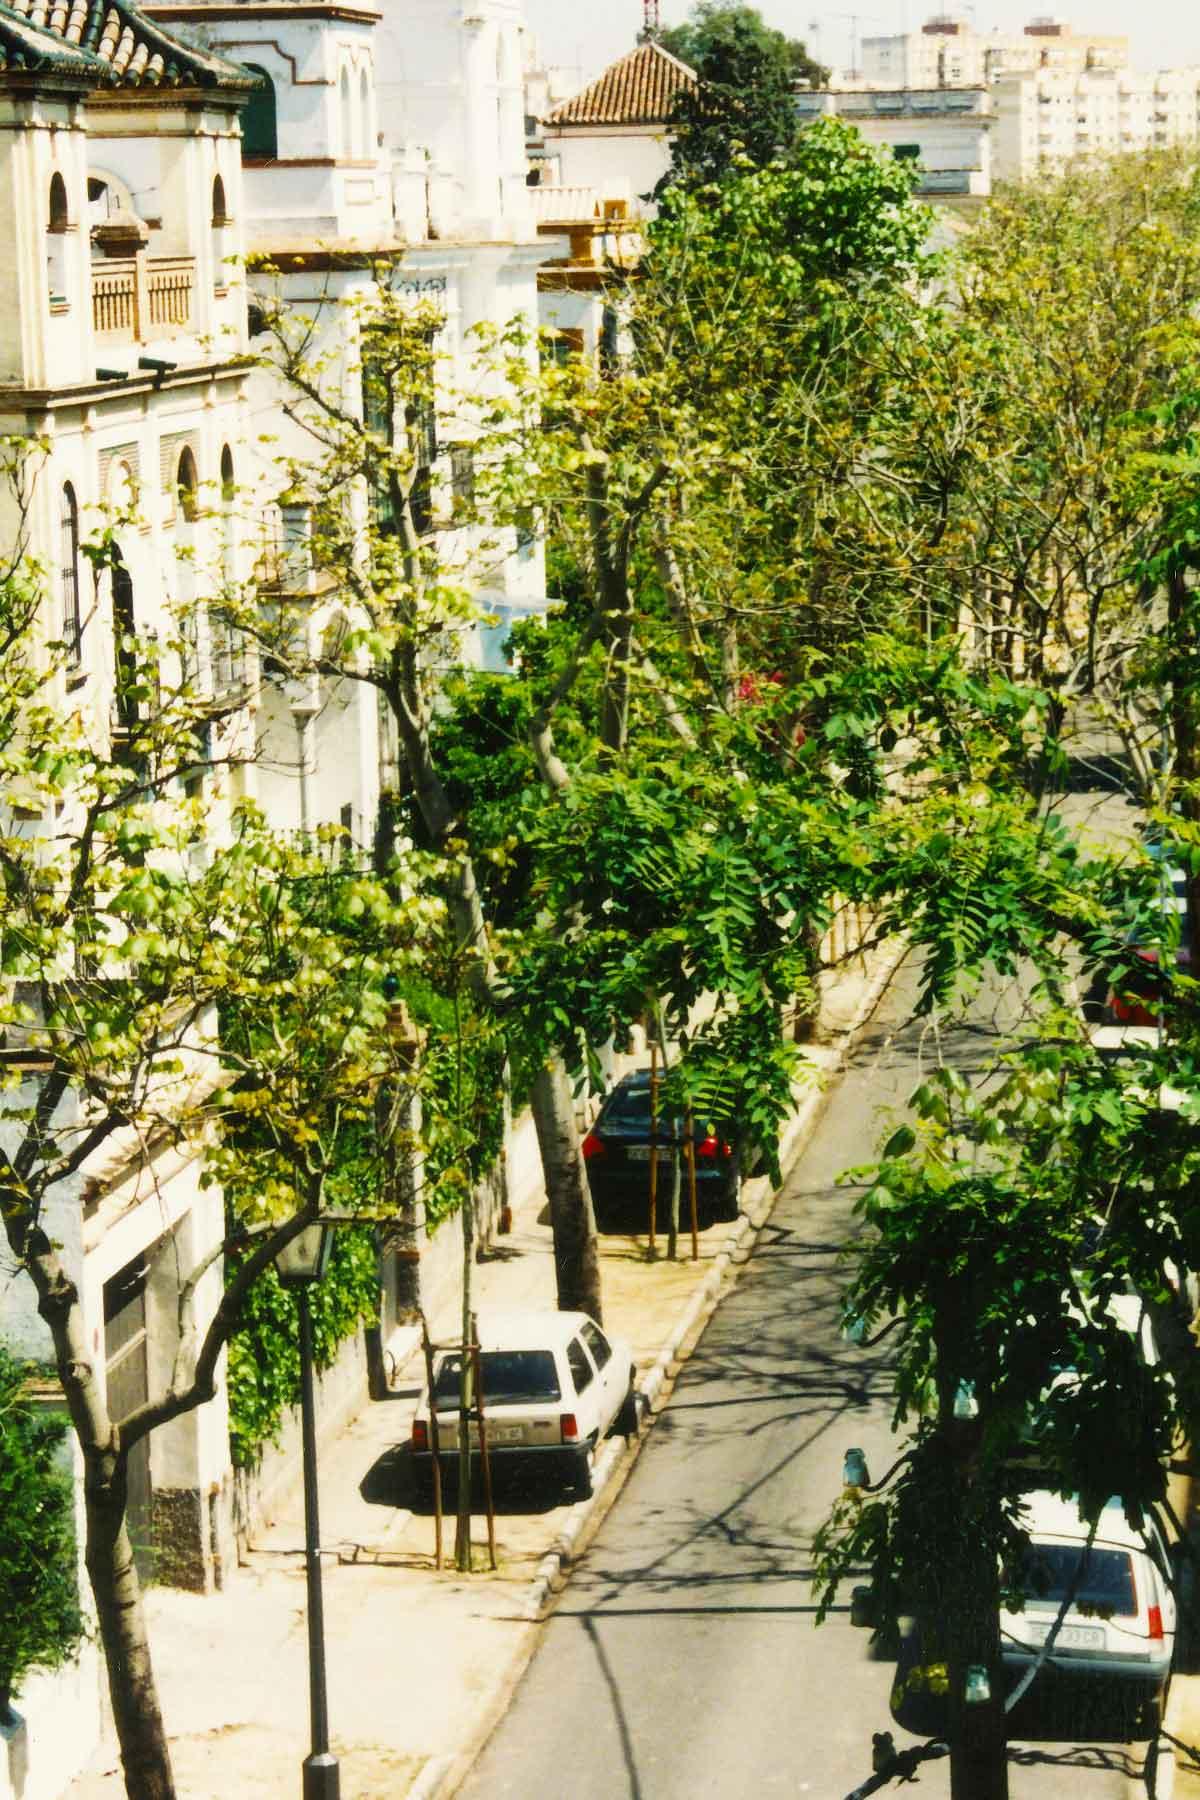 Porvenir Apartment - Spring Semester - Seville Spain - Study Abroad Journal - Steven Andrew Martin - 1998